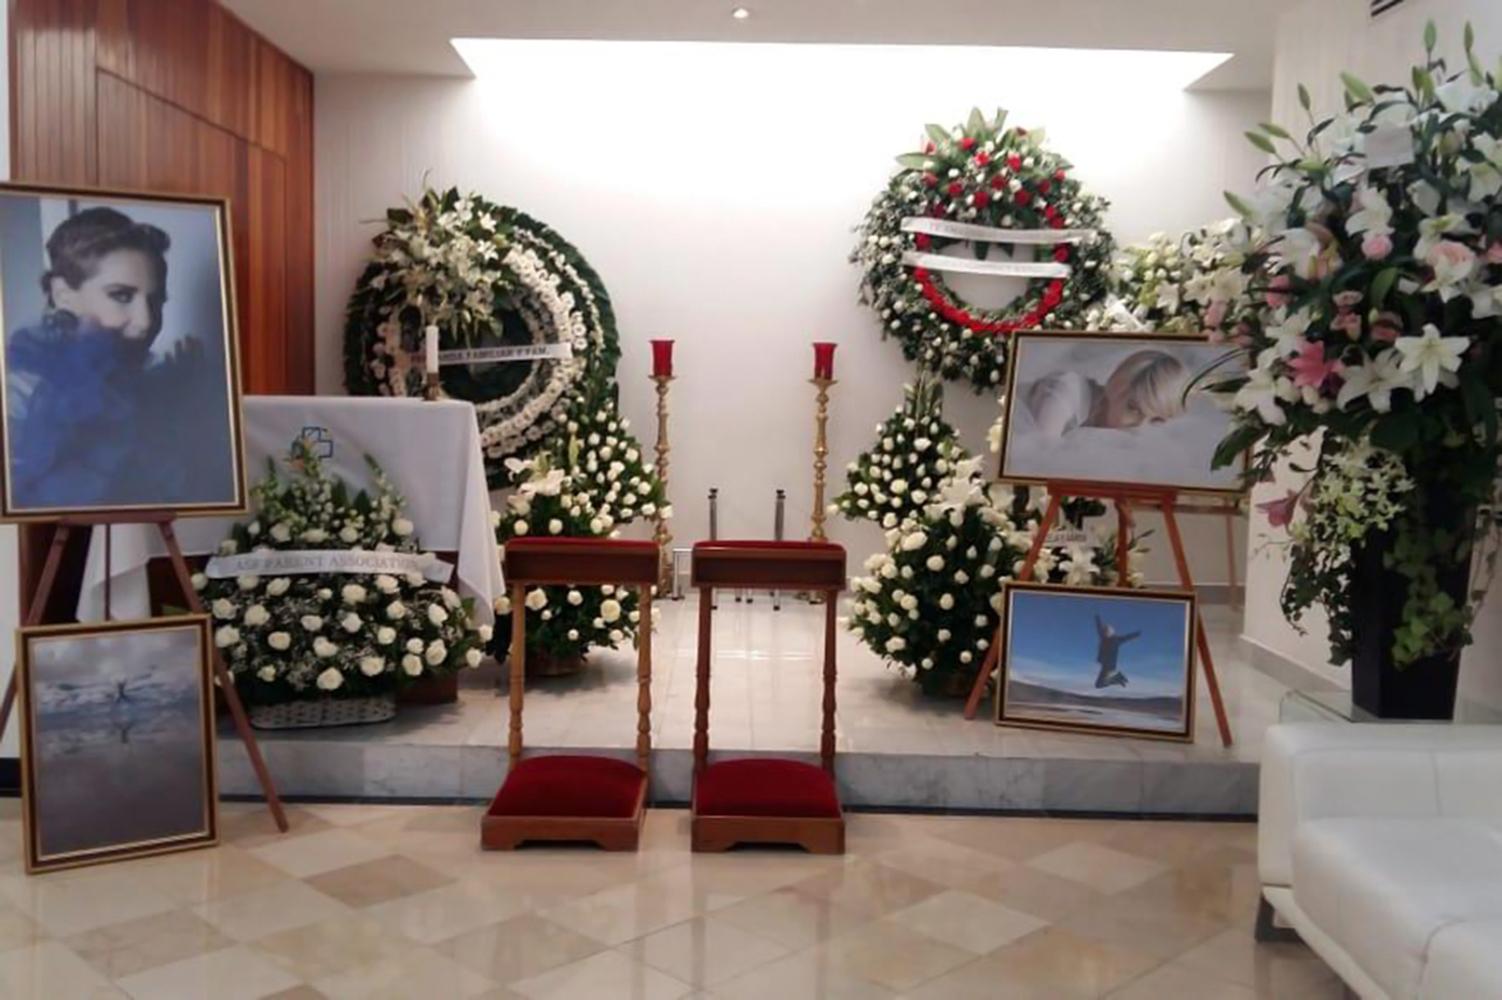 Familiares y personalidades del medio artístico acuden al Panteón Frances a darle el último adiós a Edith González, quien falleció la mañana de ayer tras una larga batalla contra el cáncer de ovario que se le detectó años atras